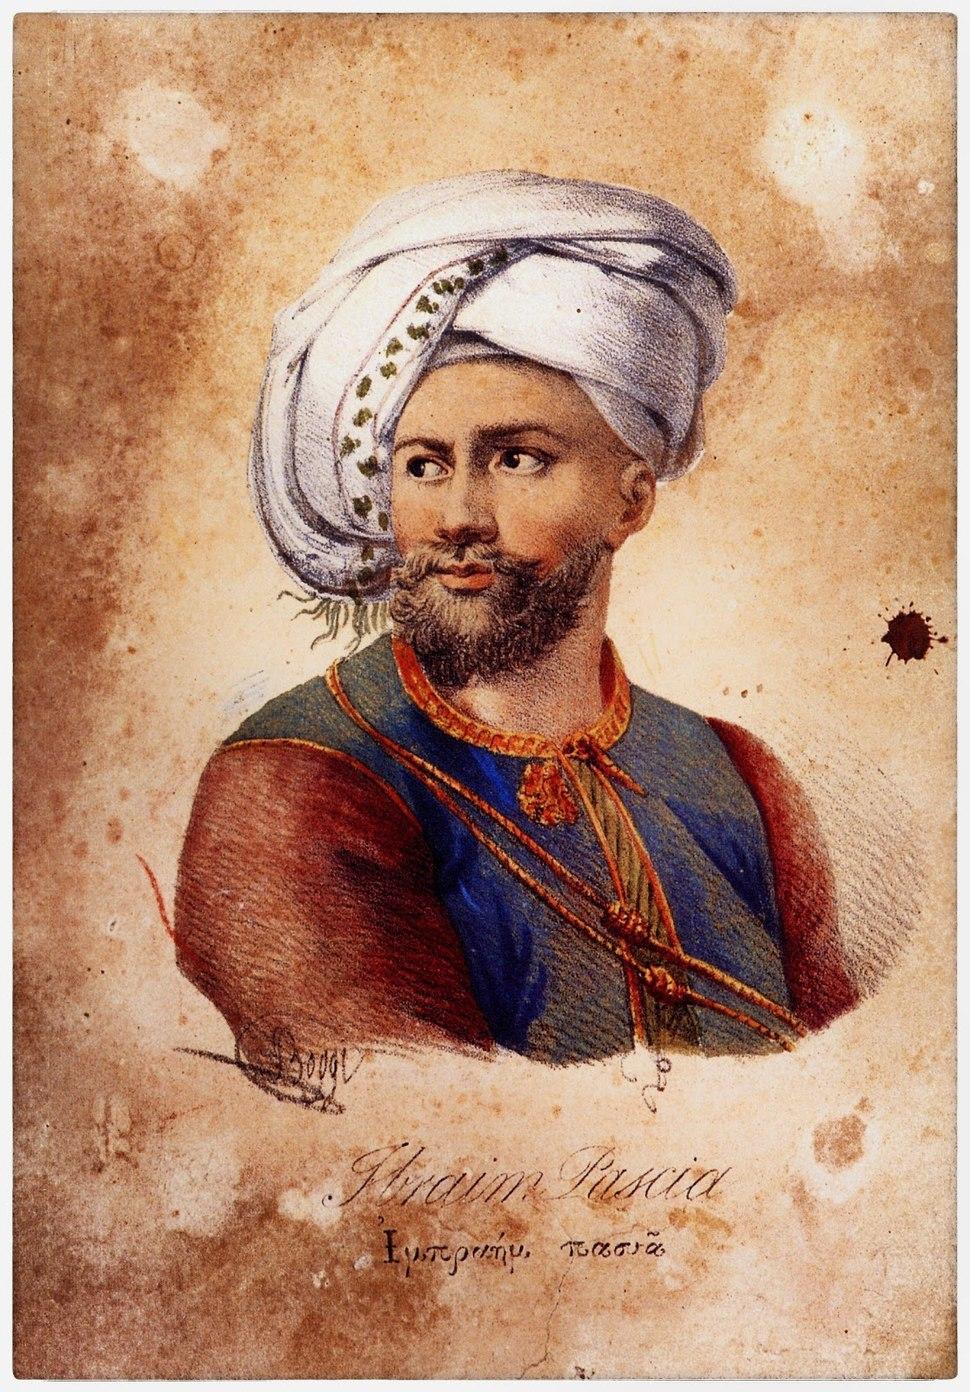 IbrahimBaja